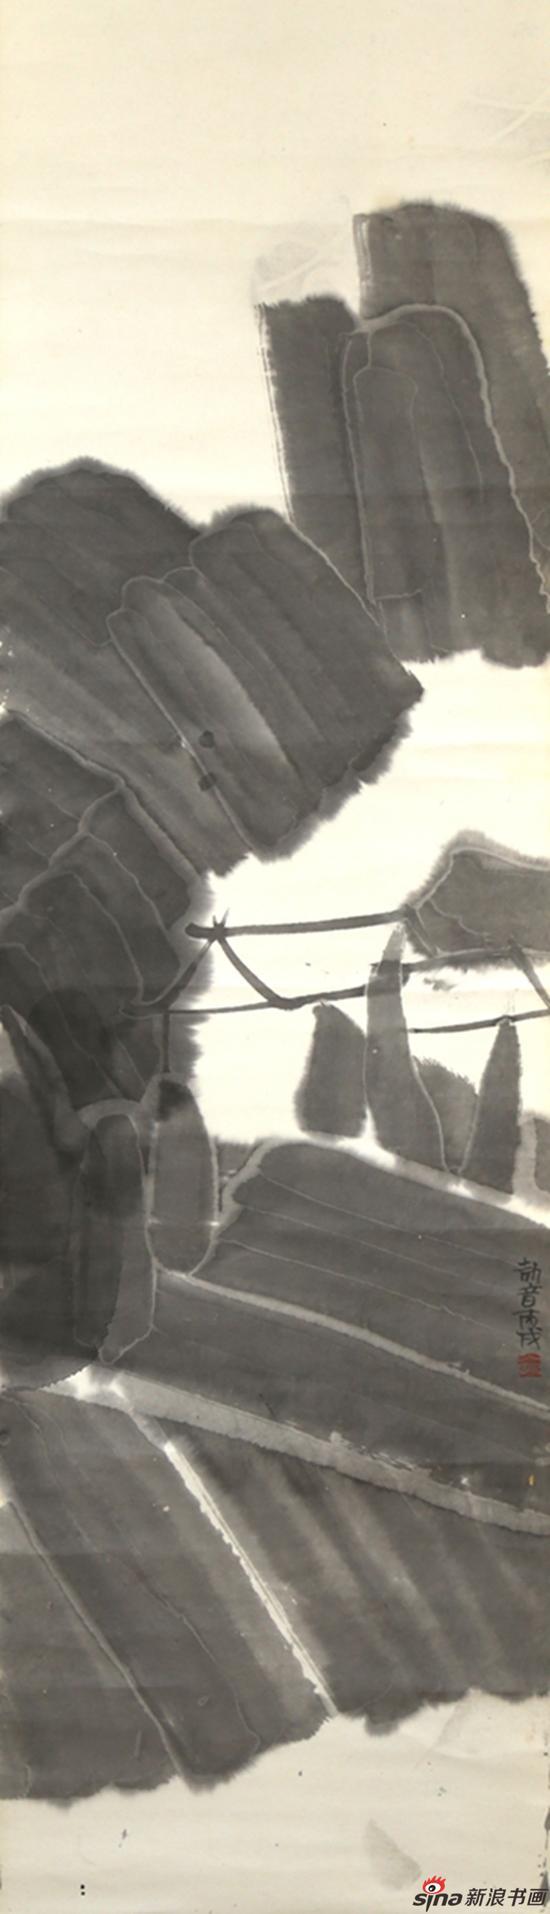 古典山水之一 136x35cm 纸本水墨 2006年